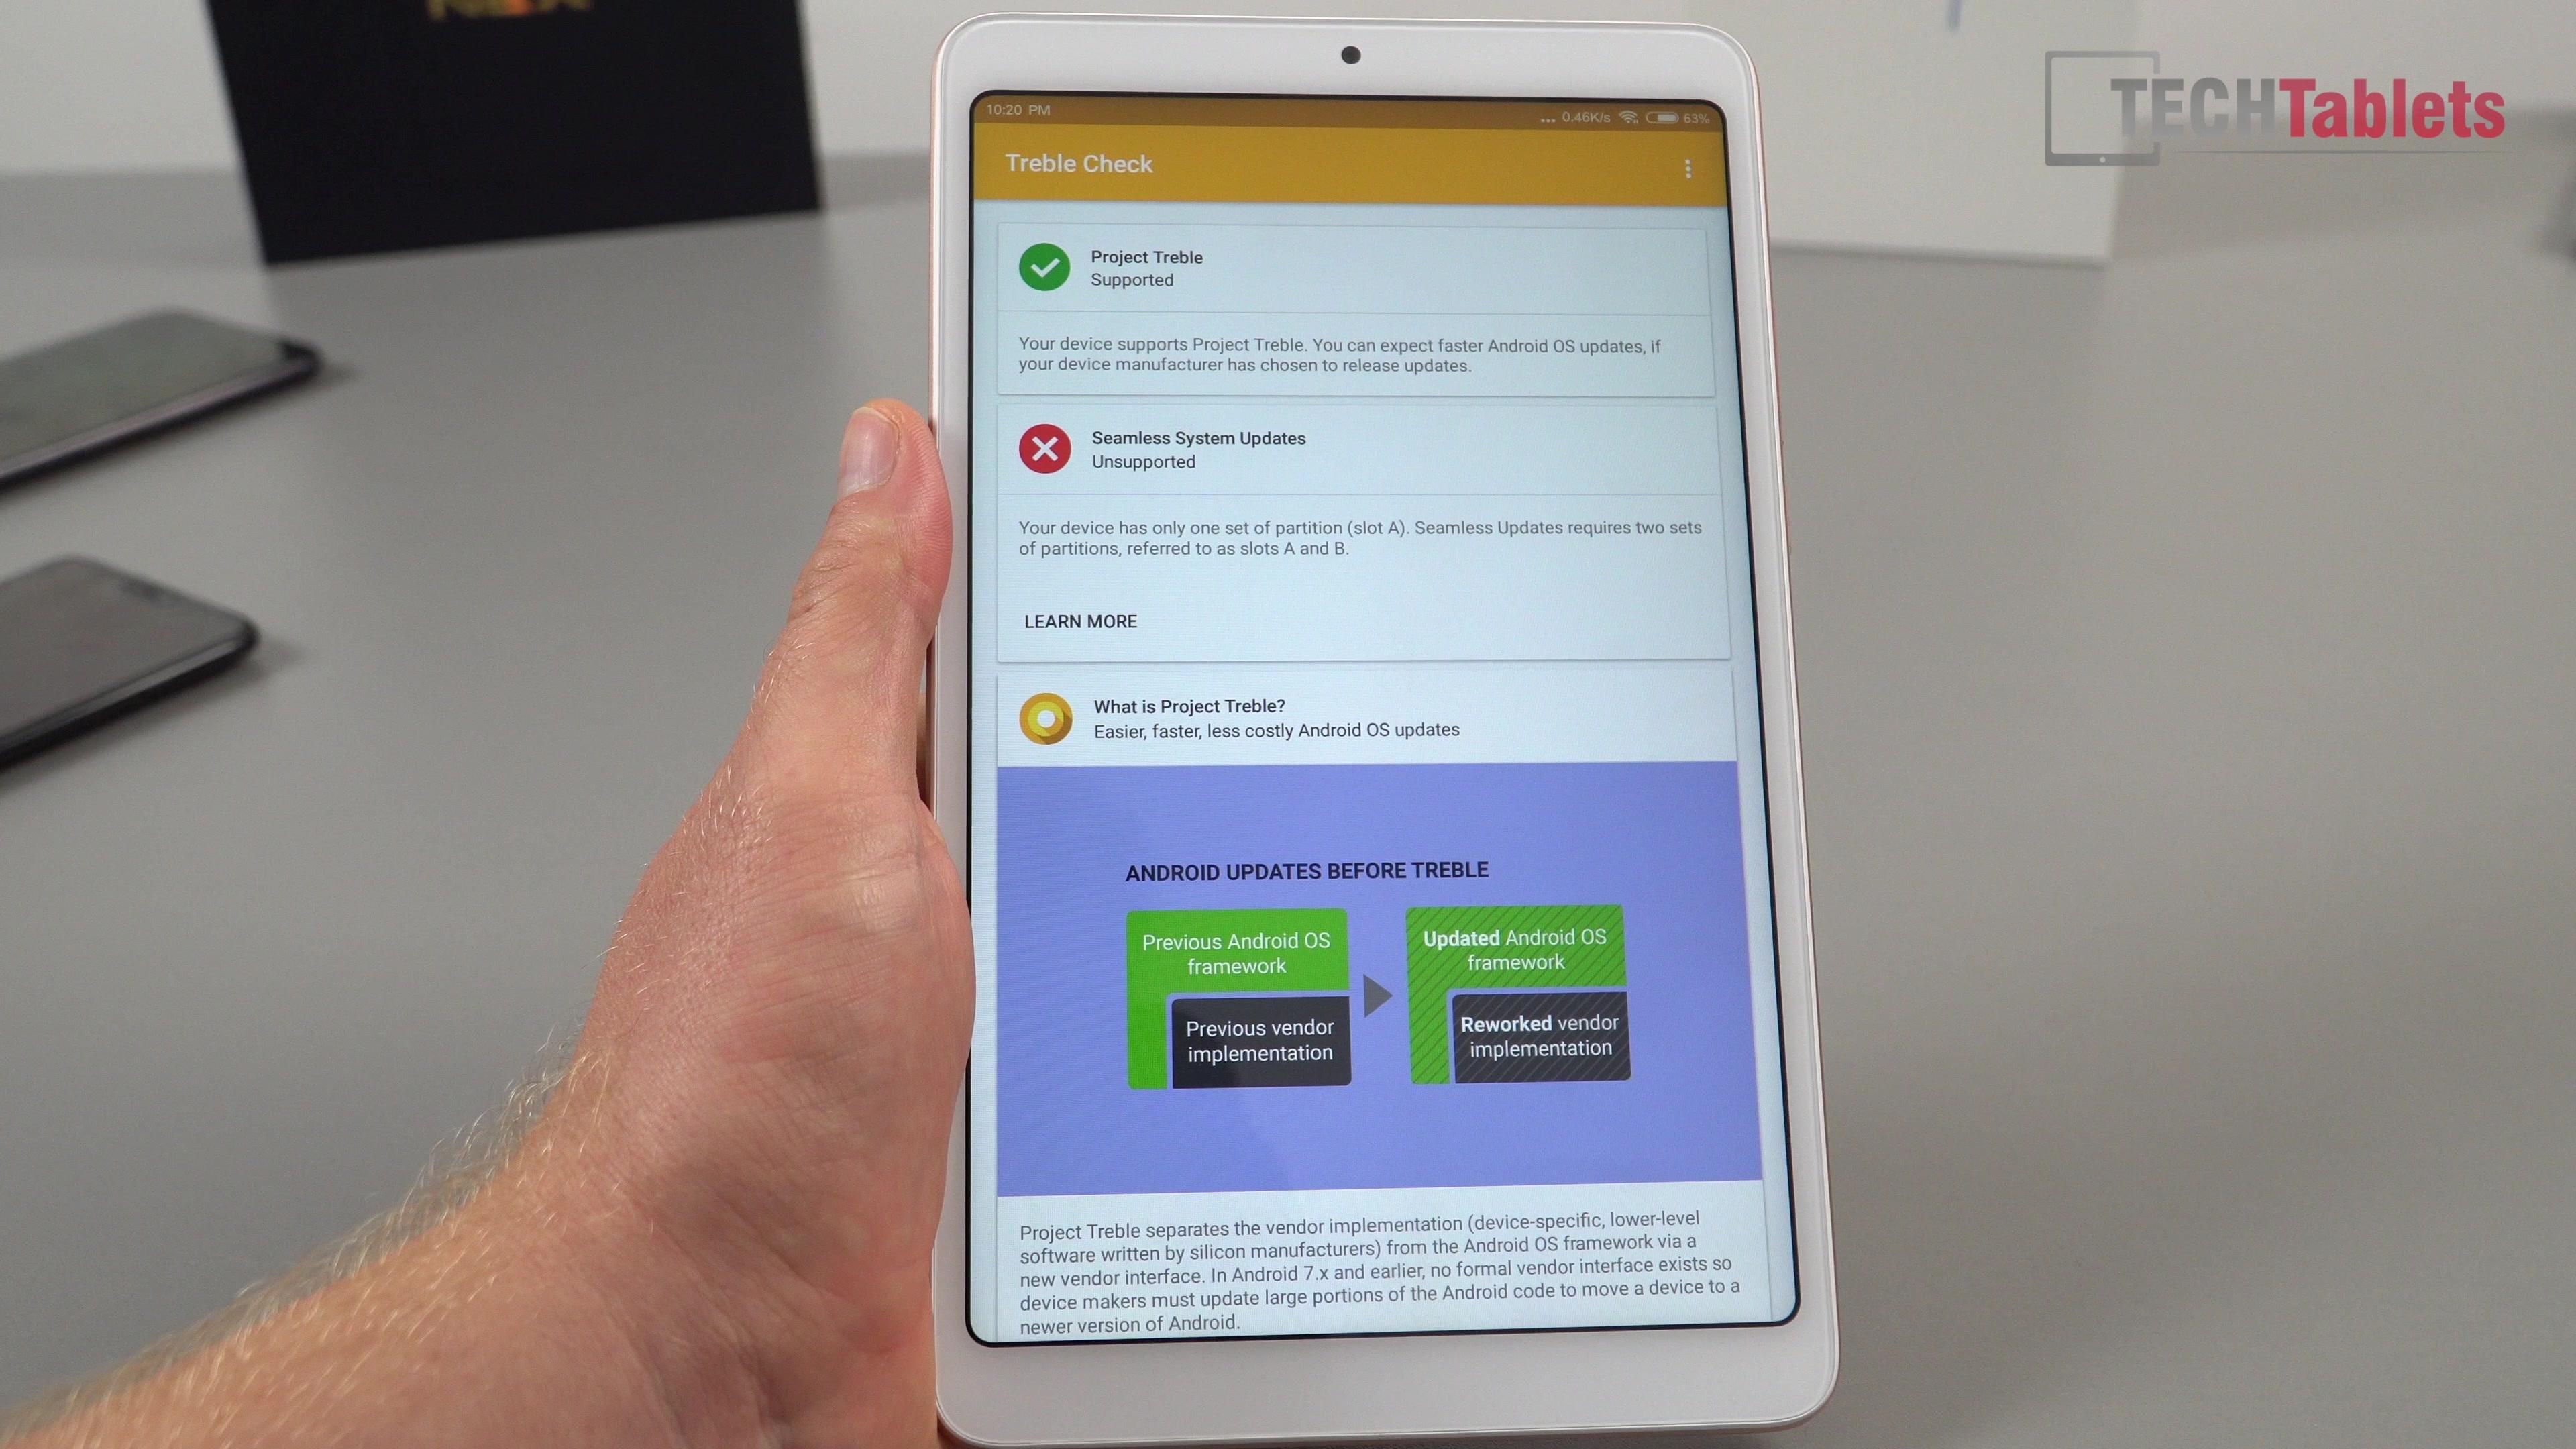 Xiaomi Mi Pad 4 Techtablets